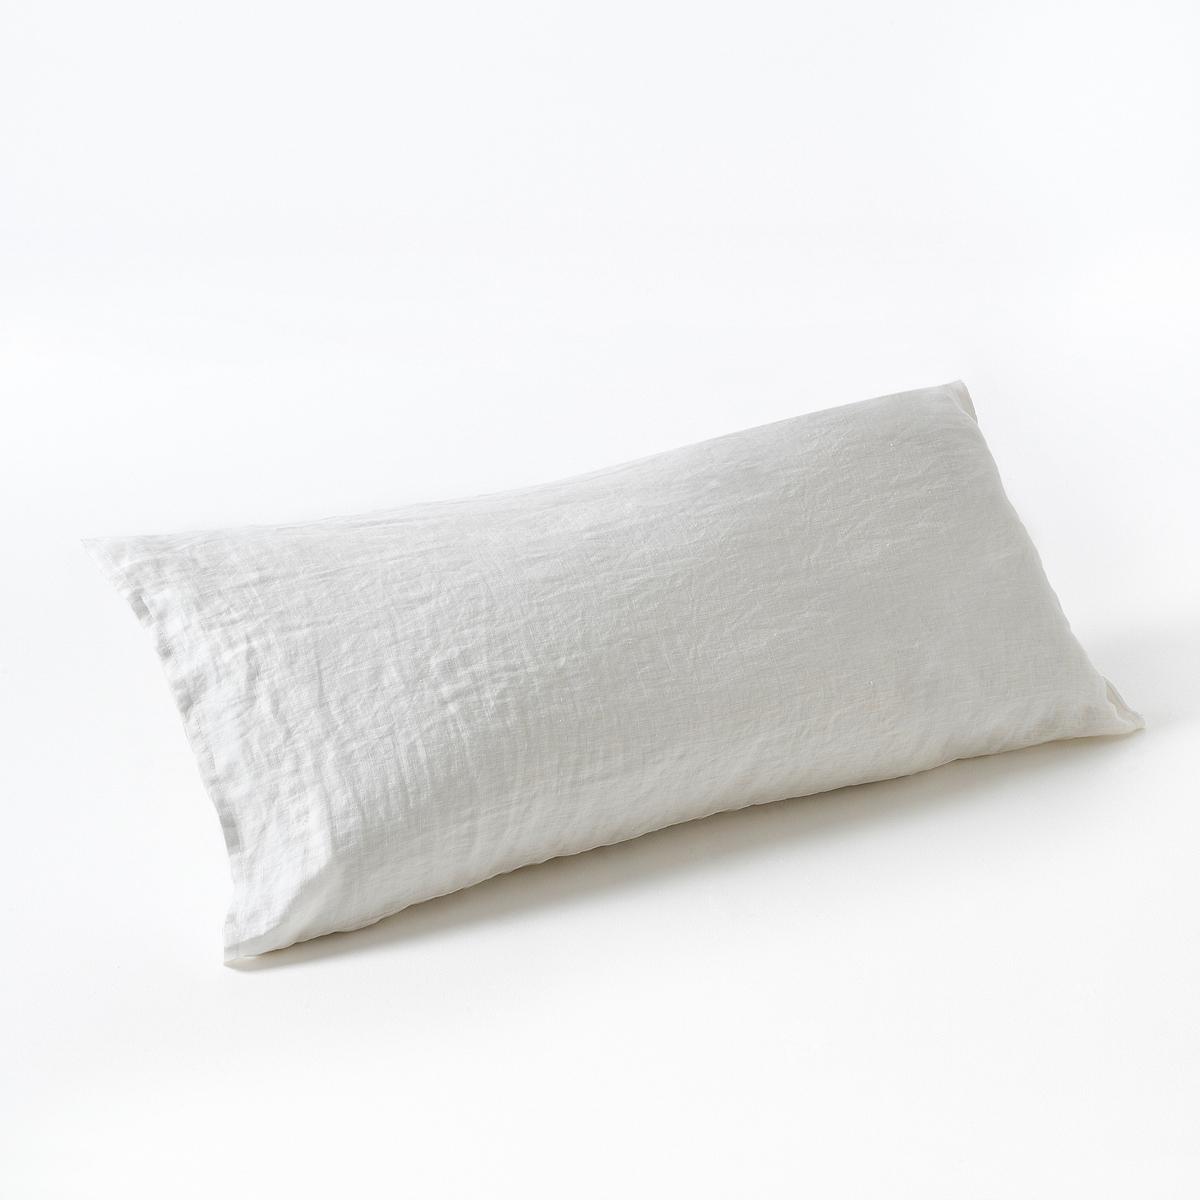 Наволочка на подушку-валик из осветленного льна, ElinaНаволочка на подушку-валик из осветленного льна Elina, прохладная летом, комфортная зимой, сочетает в себе аутентичность, комфорт и элегантность... Откройте палитру современных оттенков и сочетайте их по желанию .100% лен. Ткань с легким жатым эффектом не требует глажки, проста в уходе, становится более мягкой и нежной с течением времени.Материал :- 100% лен.Уход :- Машинная стирка при 40 °С.Размеры :Подходит для круглых и плоских подушек-валиков.90   : длина 90 см 140 : длина 140 см160 : длина 160 смЗнак Oeko-Tex® гарантирует, что товары прошли проверку и были изготовлены без применения вредных для здоровья человека веществ.<br><br>Цвет: антрацит,белый,серый<br>Размер: 160  см